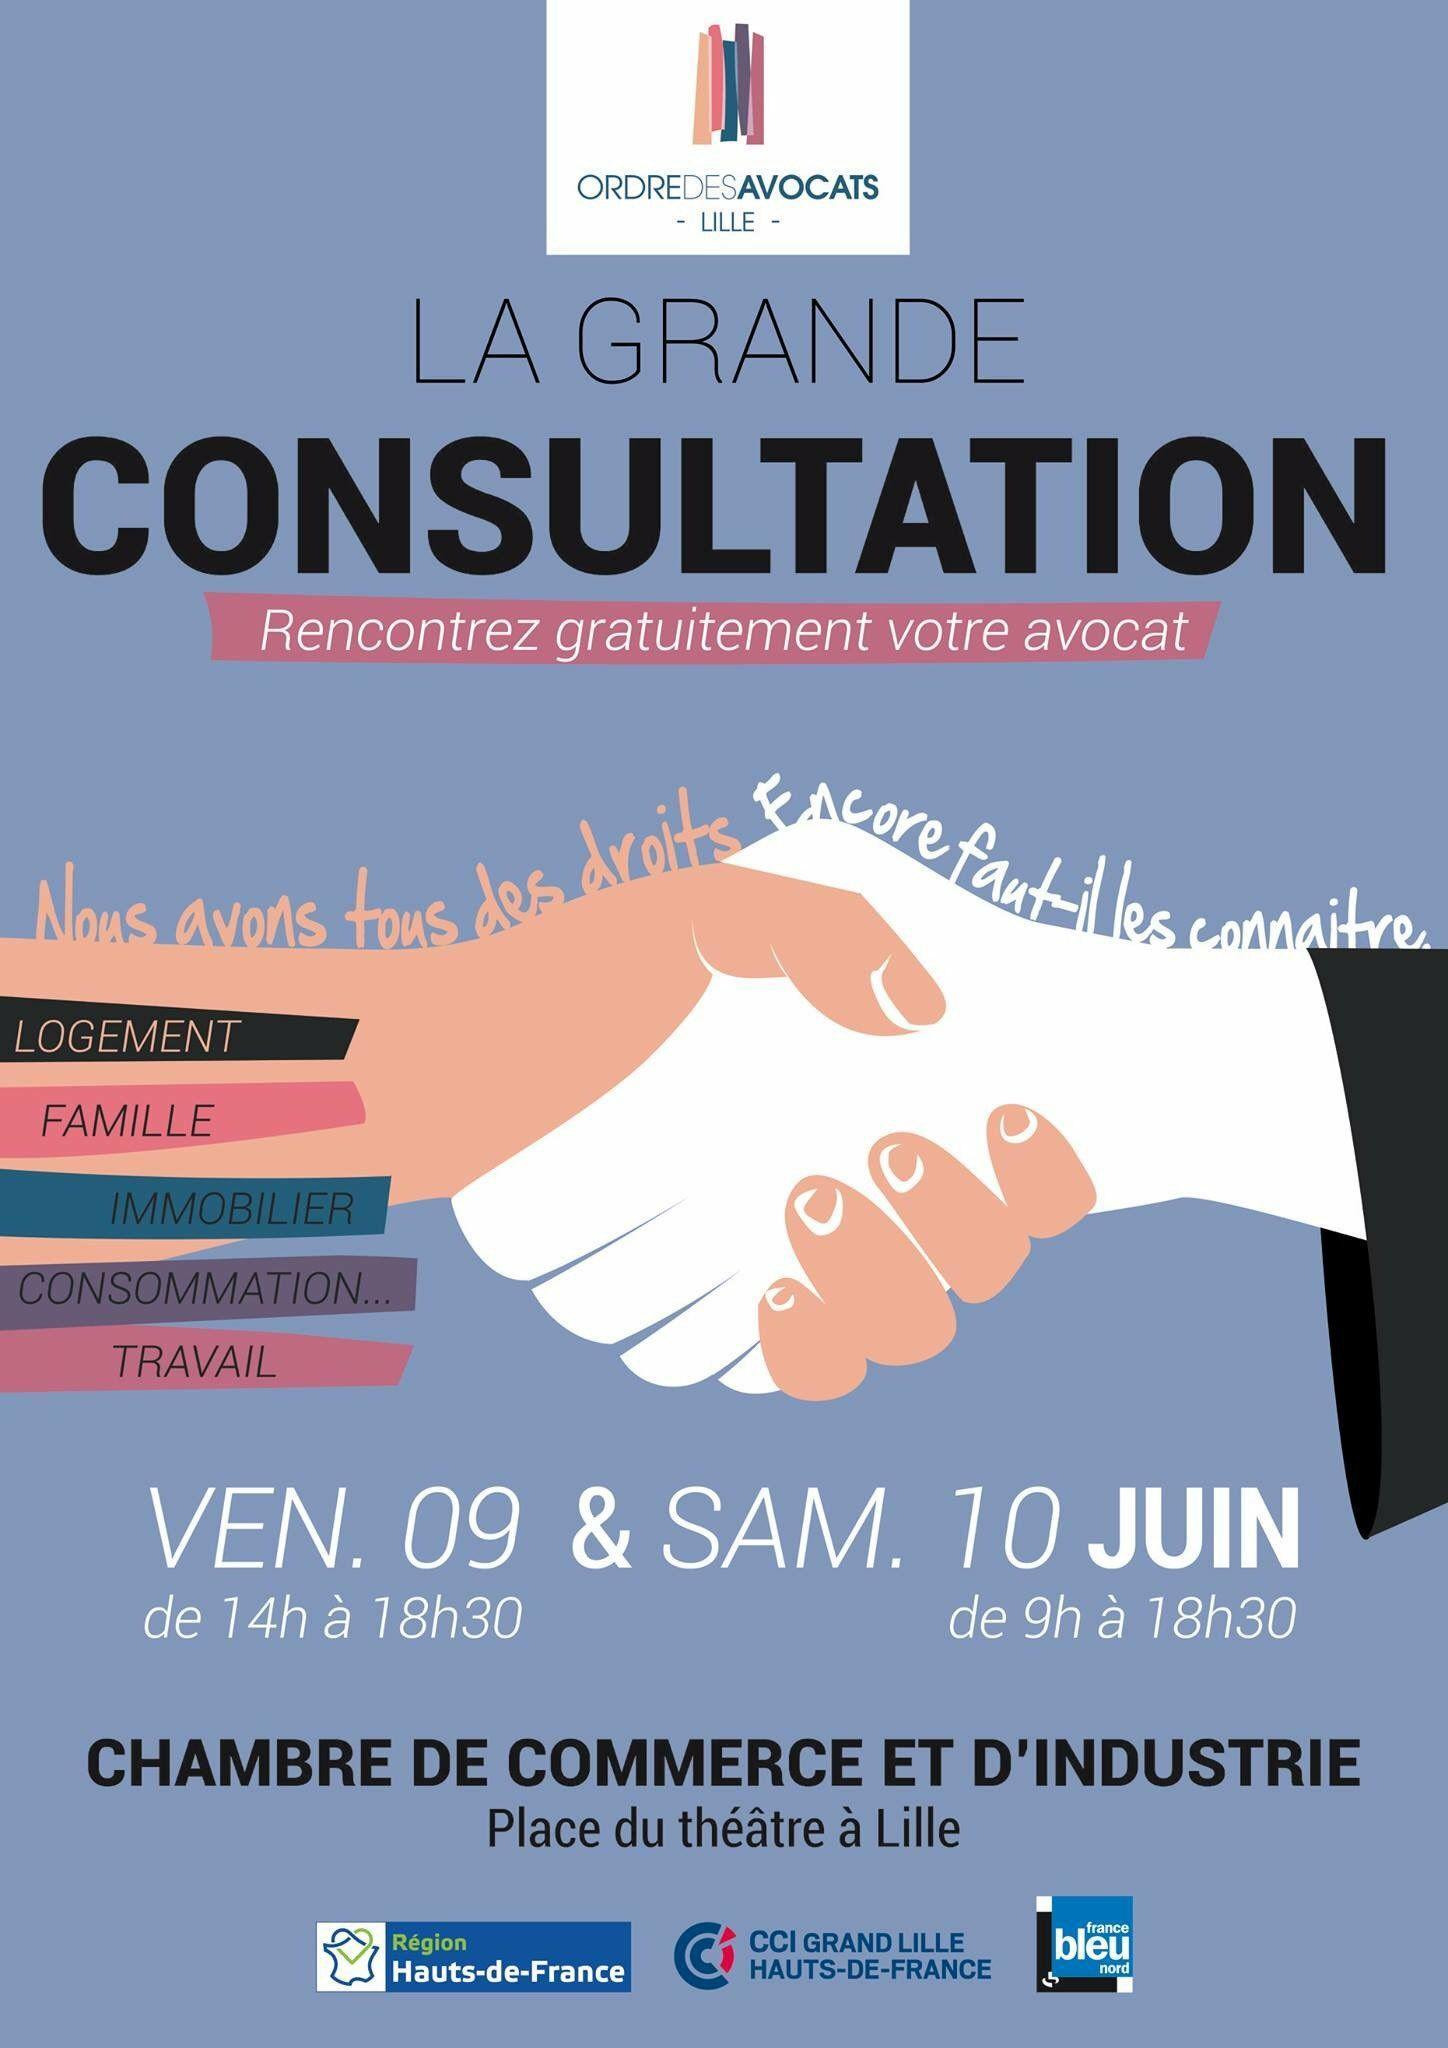 Consultation gratuite d'un avocat dans différentes villes des Hauts-de-France